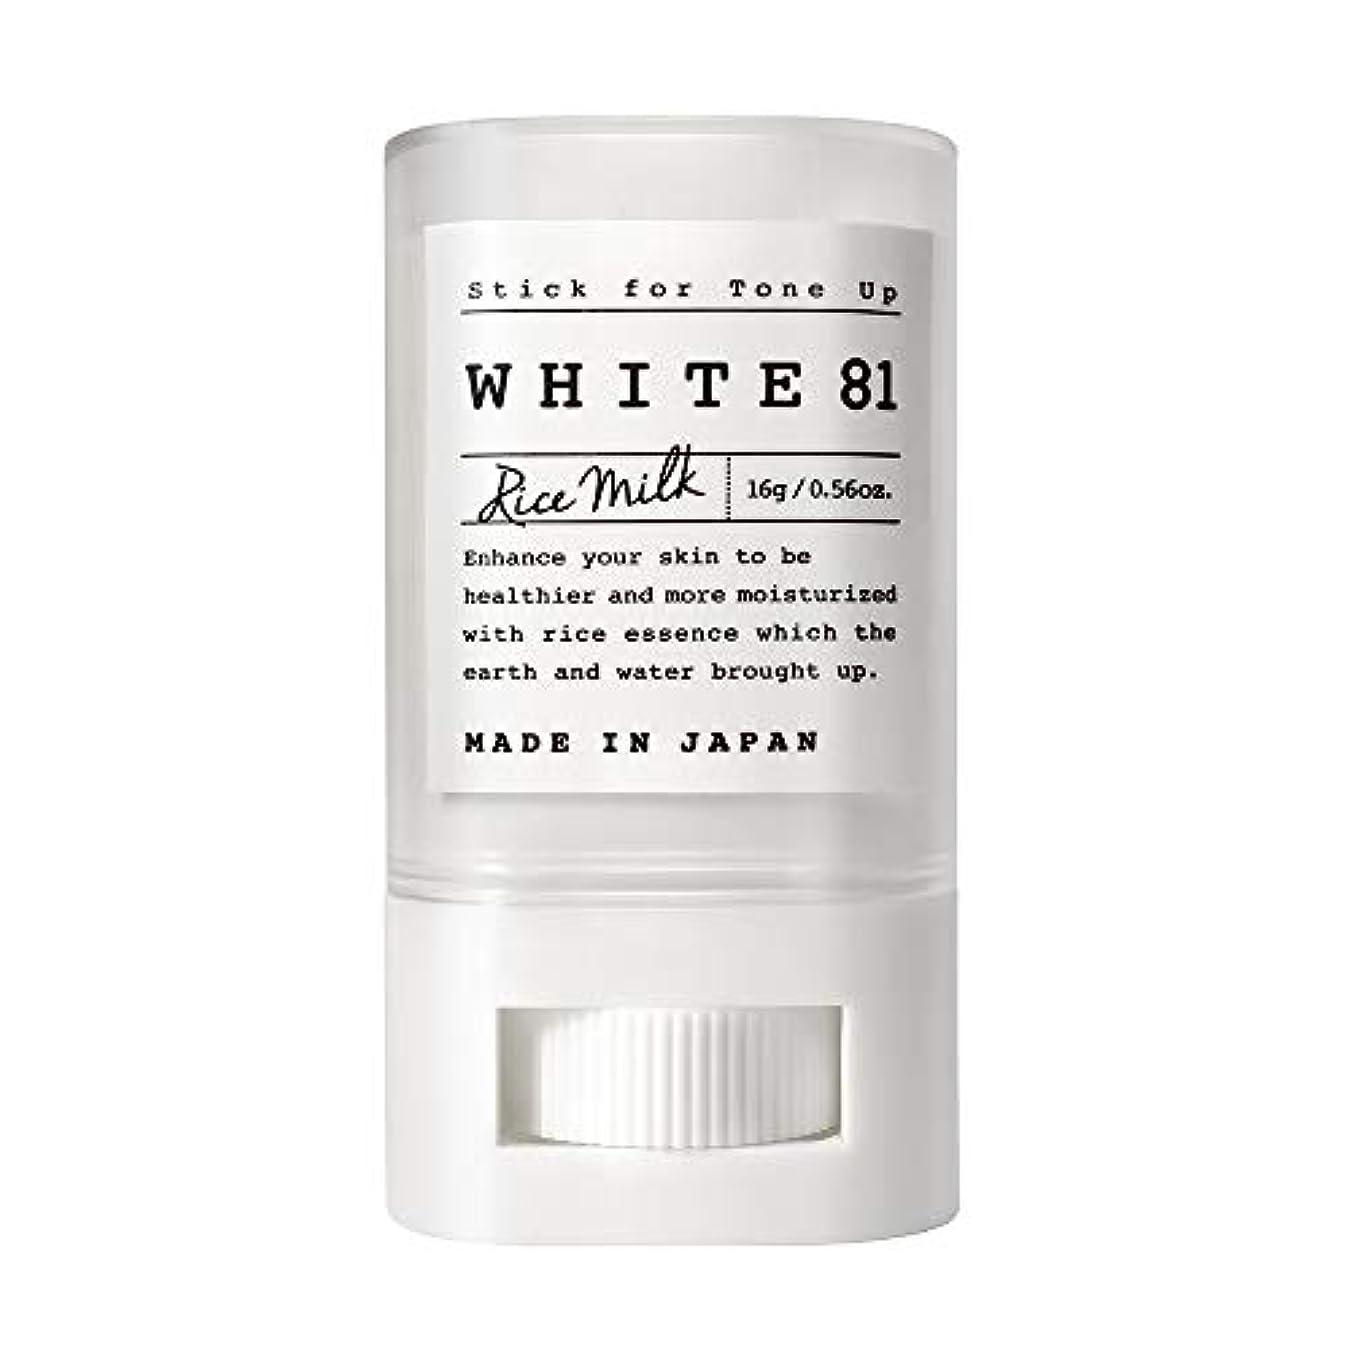 シャワースタウト愛撫WHITE81 ホワイト81 トーンアップスティック(化粧下地?日焼け止め / SPF35?PA+++?ウォータープルーフ?複合保湿成分配合?肌に優しい6種のフリー / 日本製)